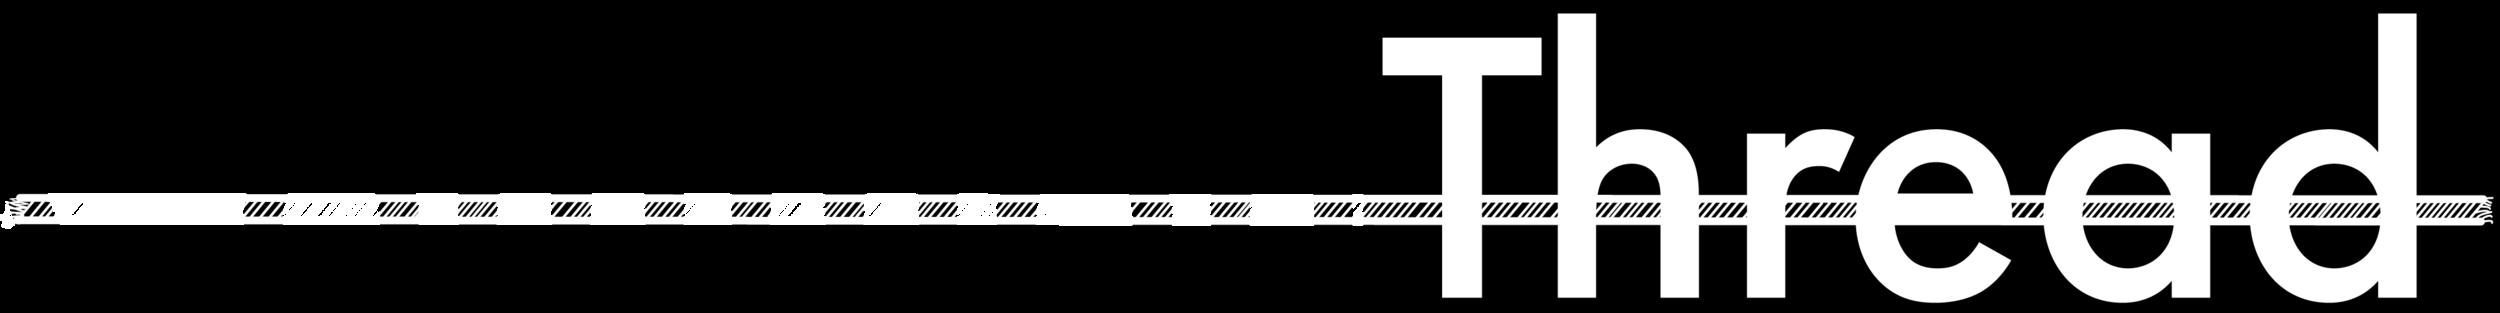 CT logo IMG_2834.PNG